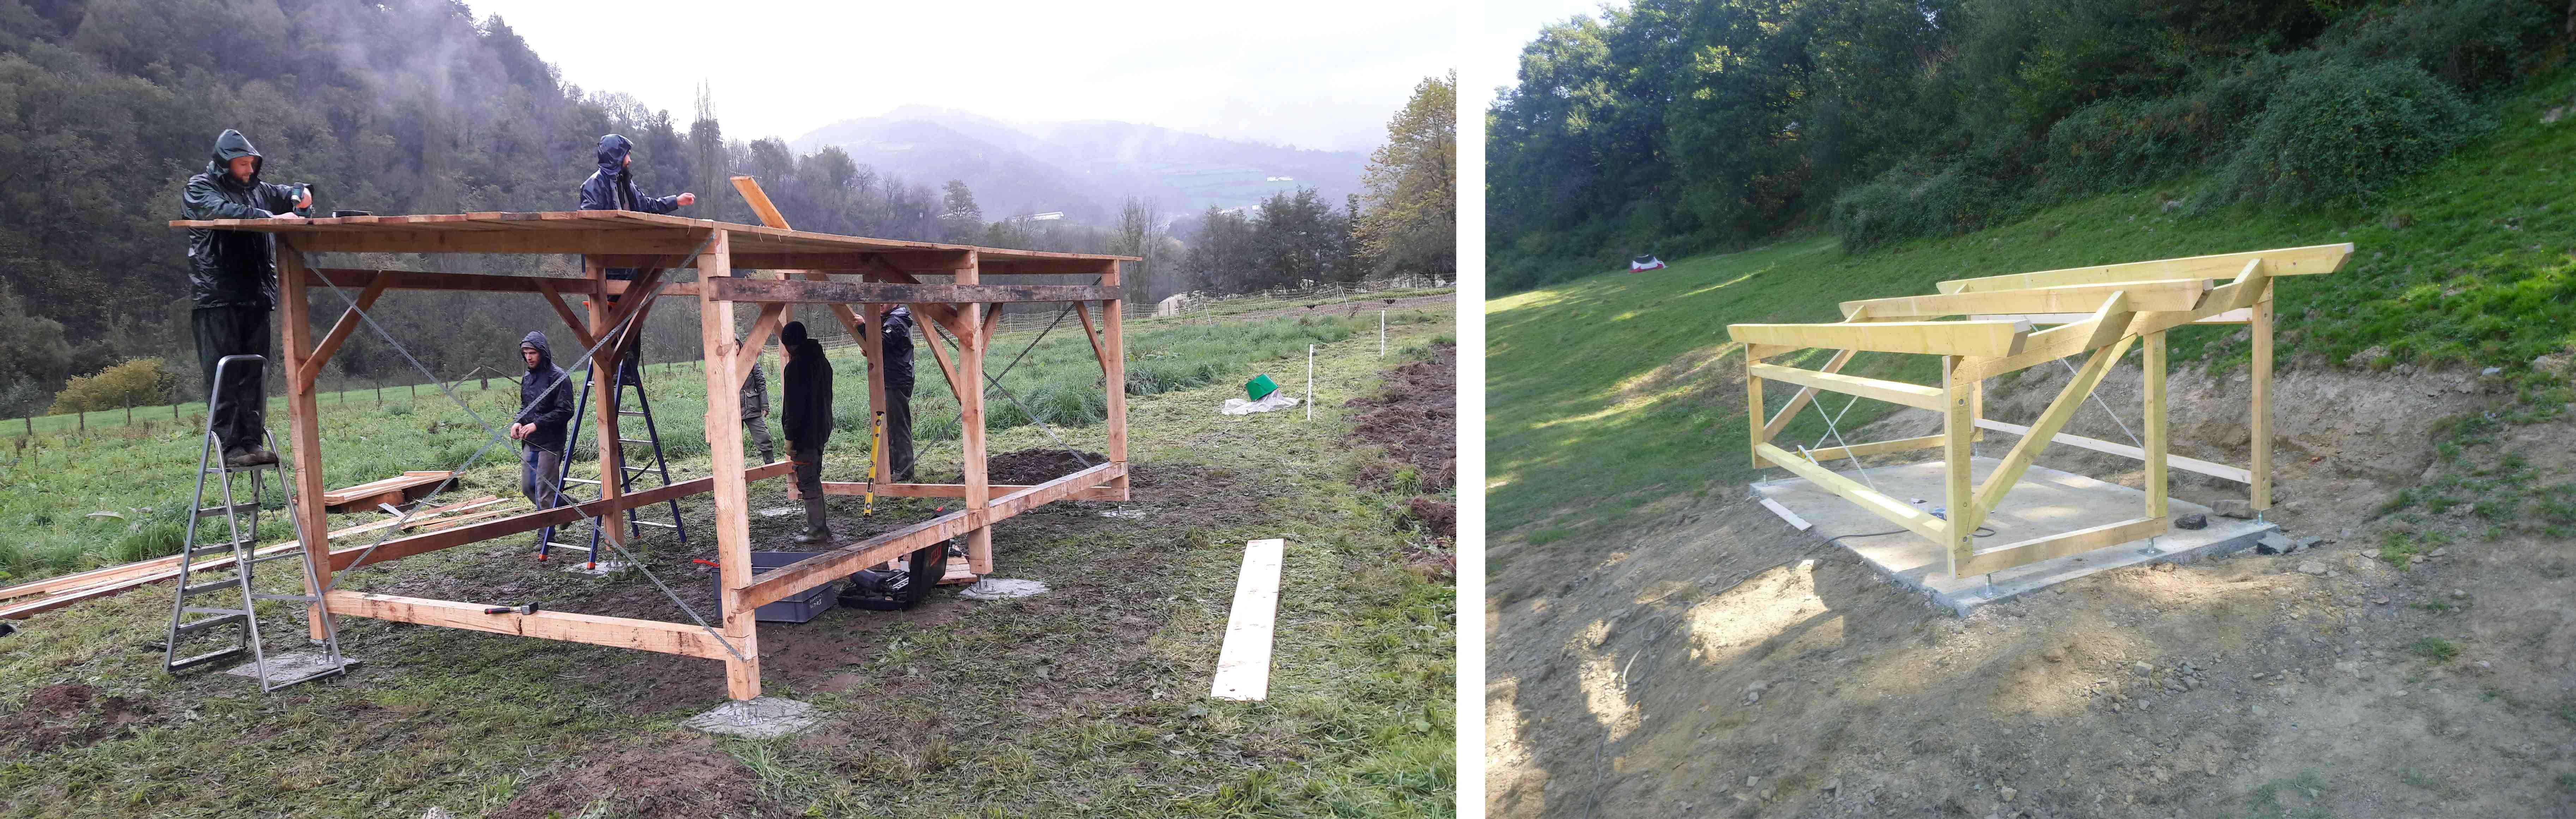 Comment Faire Un Abri Pour Le Bois abris en bois - l'atelier paysan